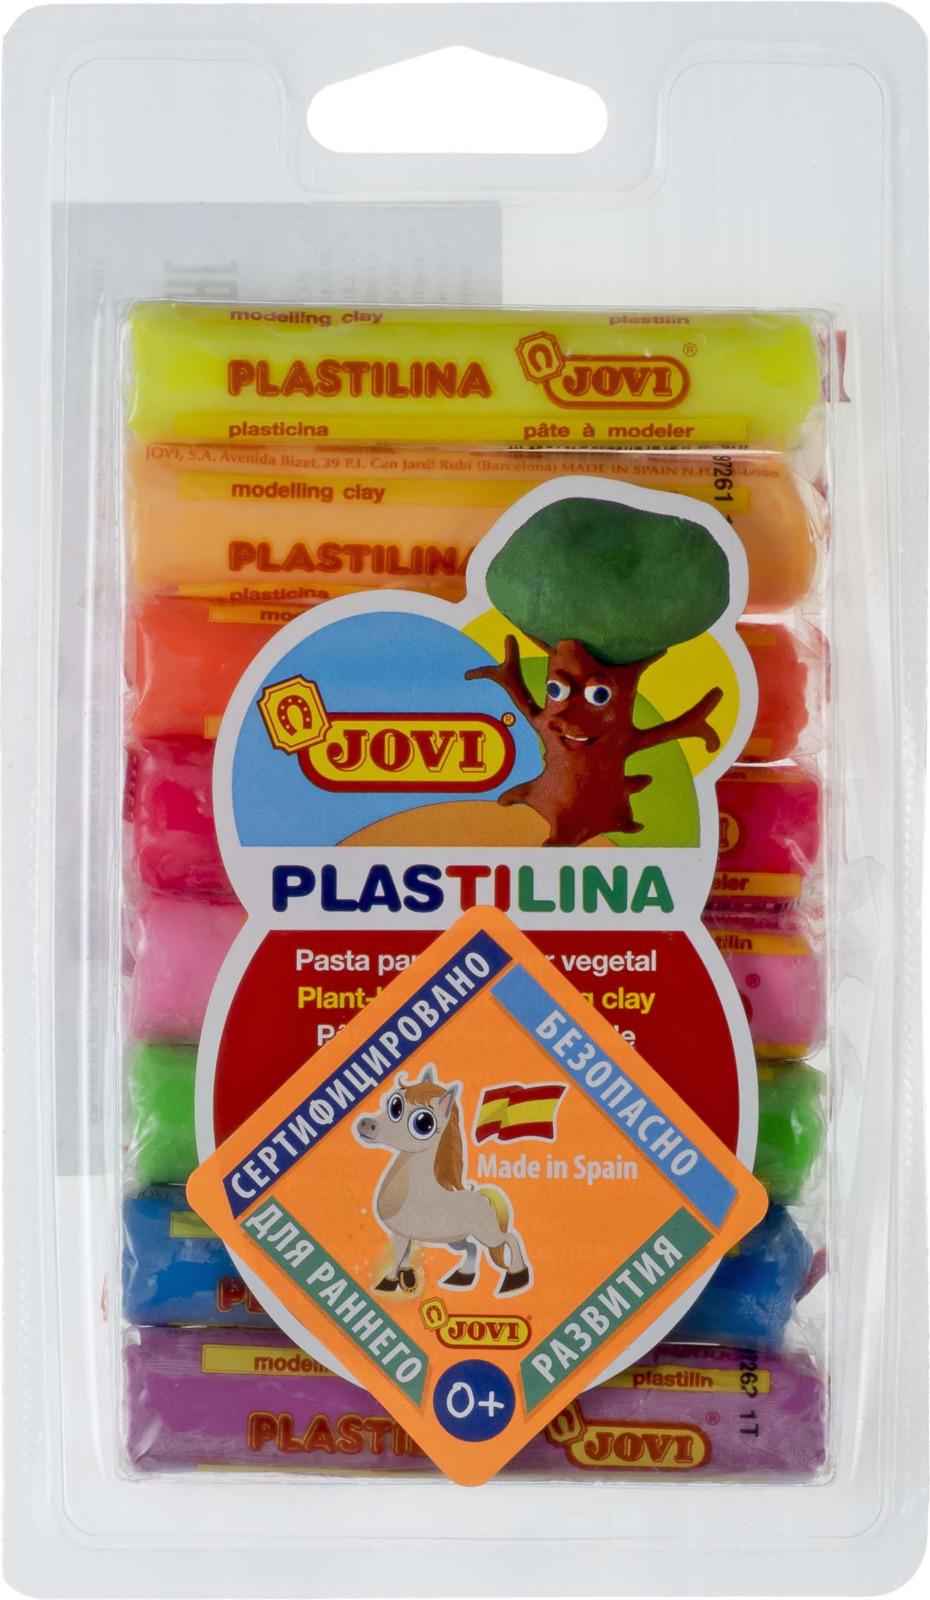 Jovi Пластилин флюоресцентный 8 цветов 120 г57932Легендарный пластилин Jovi на растительной основе идеален для начала обучения лепке и для уроков в школе и творческих студиях. Благодаря усовершенствованной формуле с воском пластилин Jovi безопасен, обладает повышенной пластичностью, хорошо лепится, прекрасно держит форму, не деформируется, легко извлекается из формочки, не крошится, не высыхает, цвета прекрасно смешиваются между собой, слепленные фигурки не опадают со временем. Используется для техники Рисование пластилином и пластилиновой мультипликации. Не пачкает руки, снимается с любой поверхности без усилий, не оставляя пятен. Гипоаллергенен, без консервантов, не содержит глютен. Набор пластилина на растительной основе из 8 флюоресцентных цветов по 15 грамм в плотном блистере.